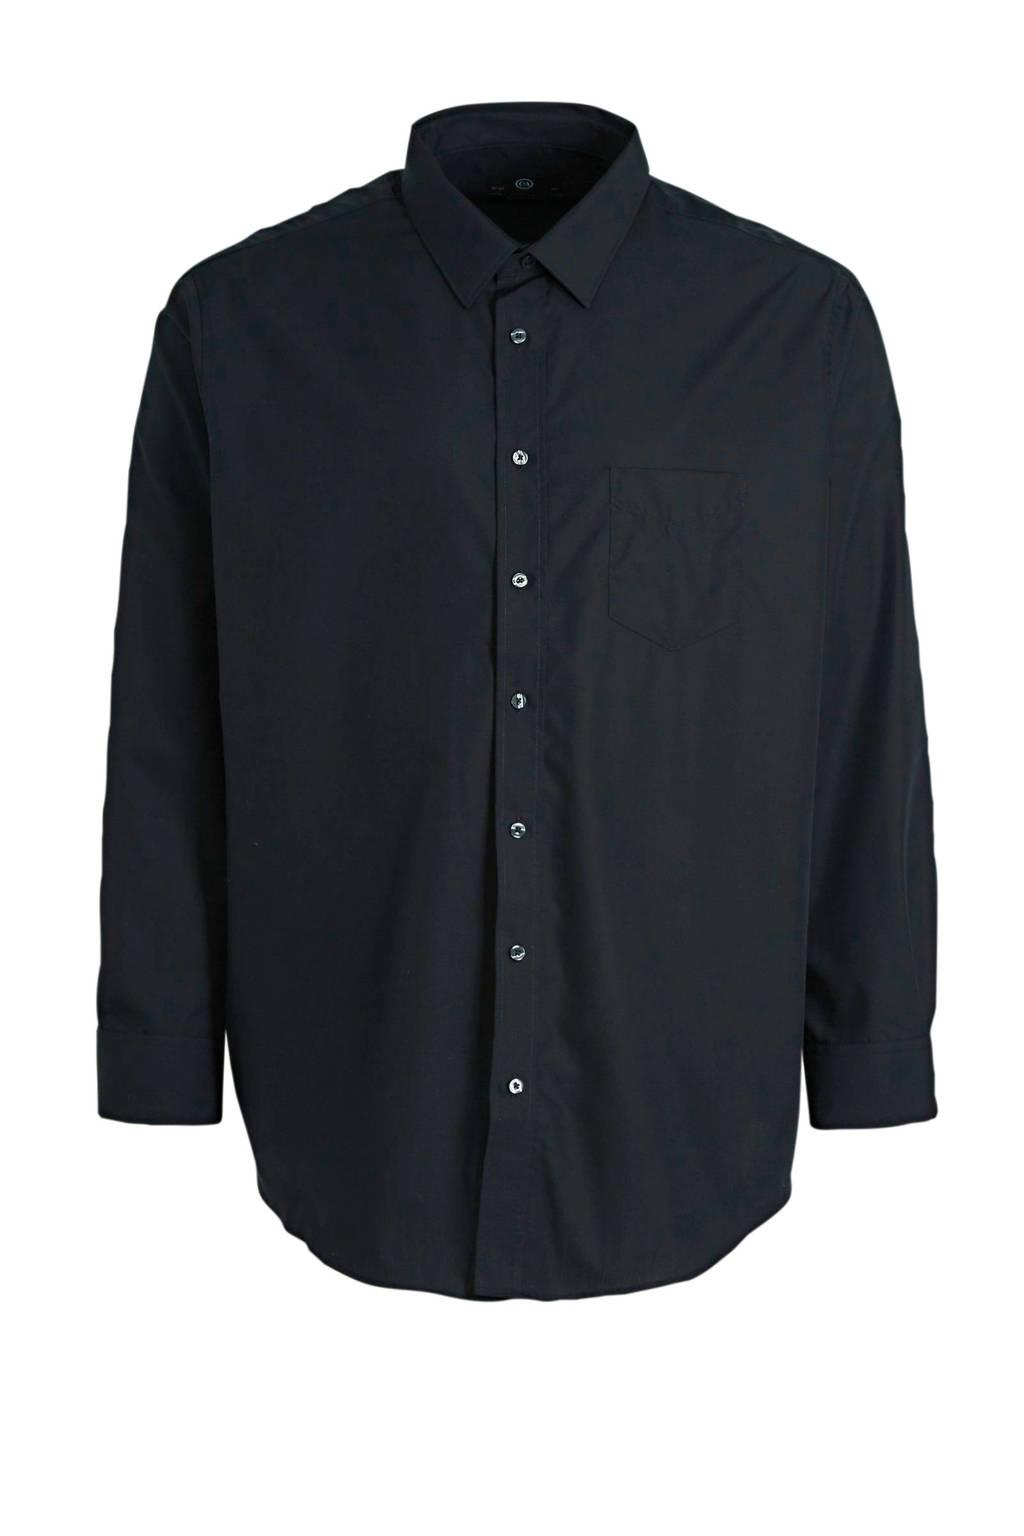 C&A XL regular fit overhemd zwart, Zwart